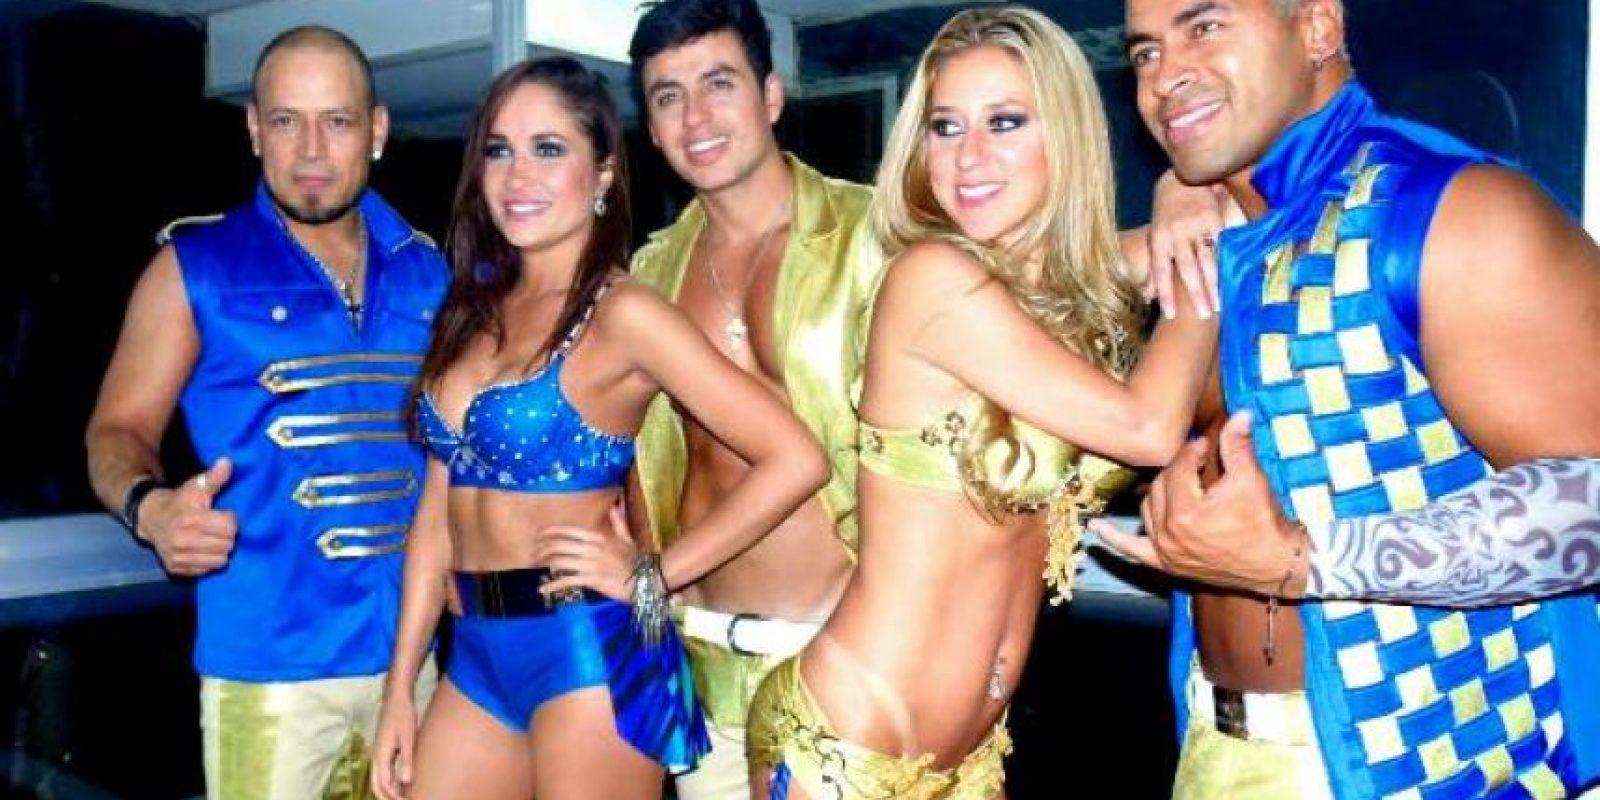 """Alcanzaron fama internacional con el éxito """"Beijo na Boca"""" Foto:Facebook.com/AxeBahiaOficial"""